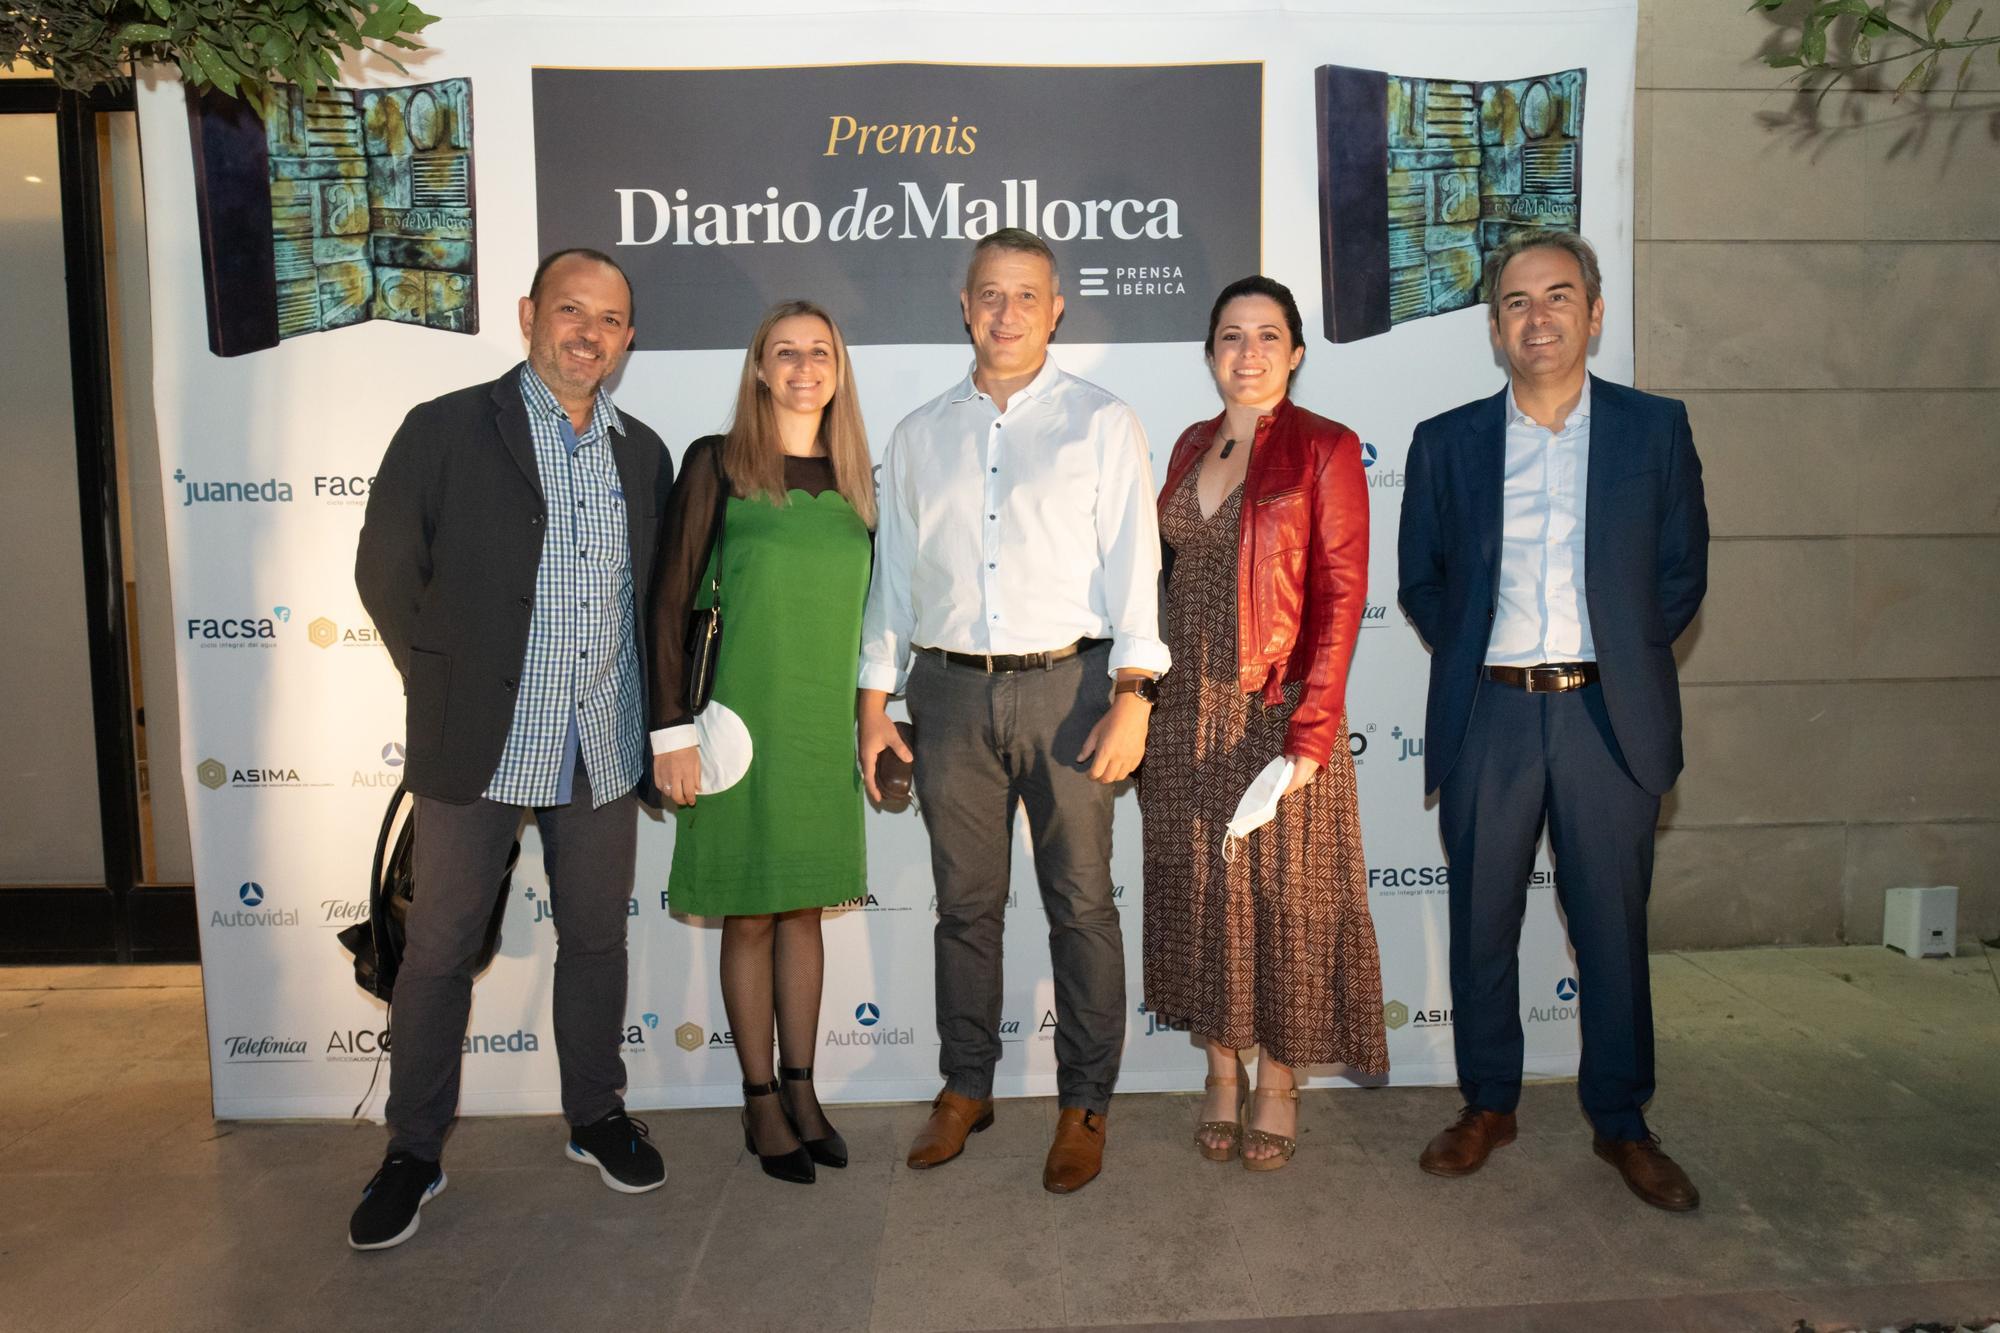 Premios Diario de Mallorca 219.jpg